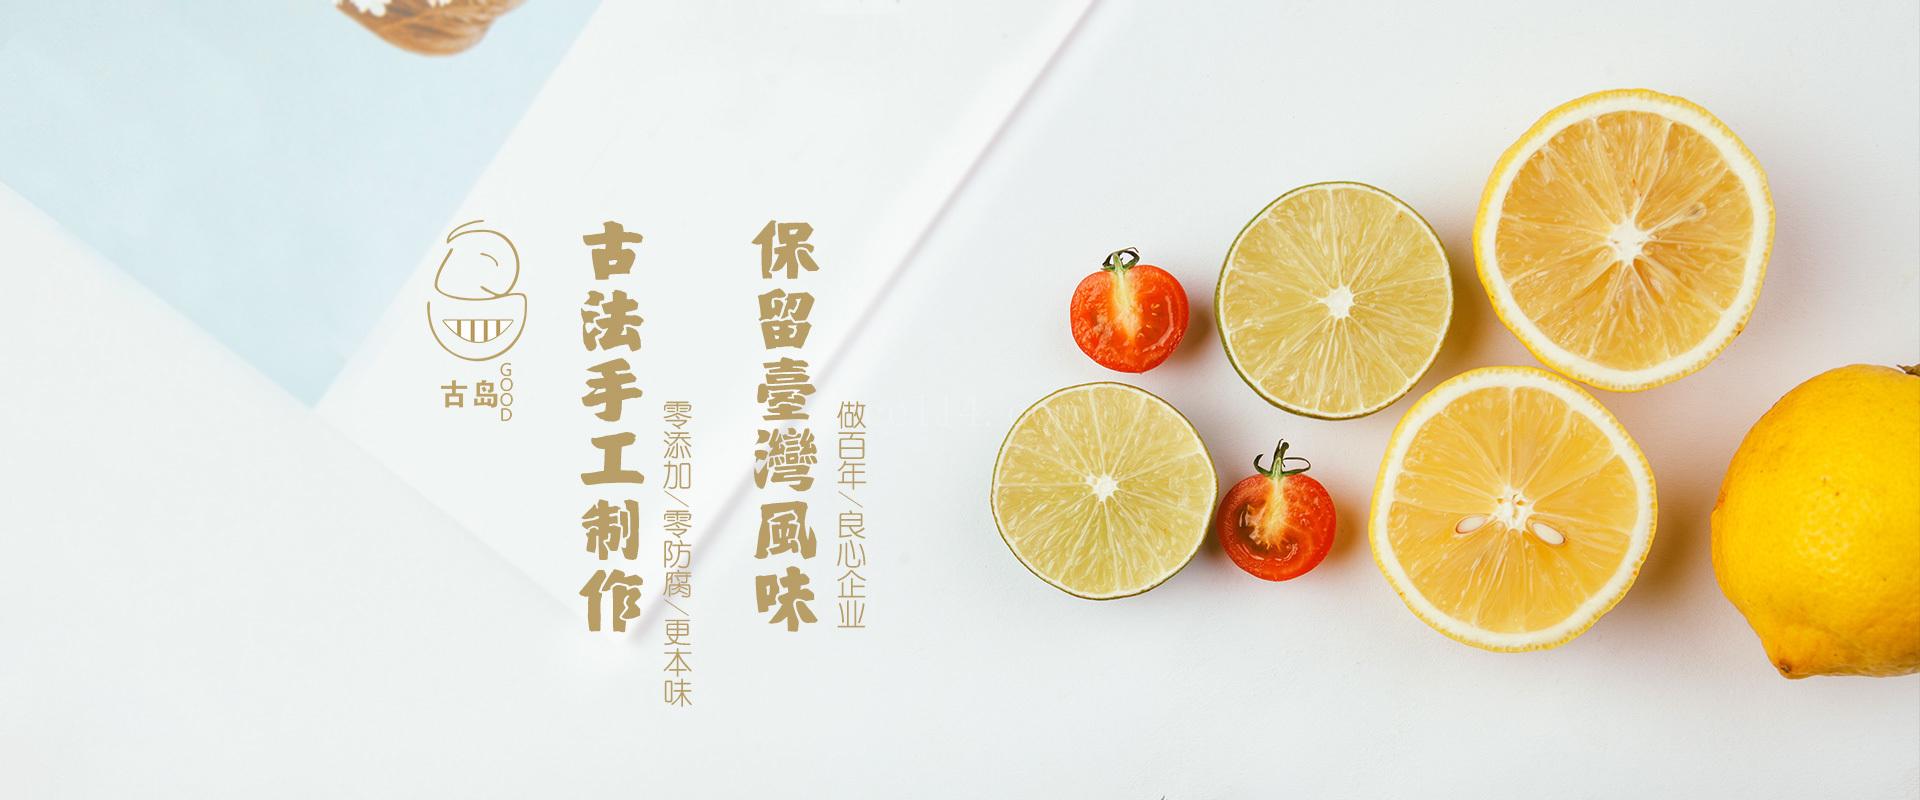 公司简介-漳州古岛餐饮管理有限公司